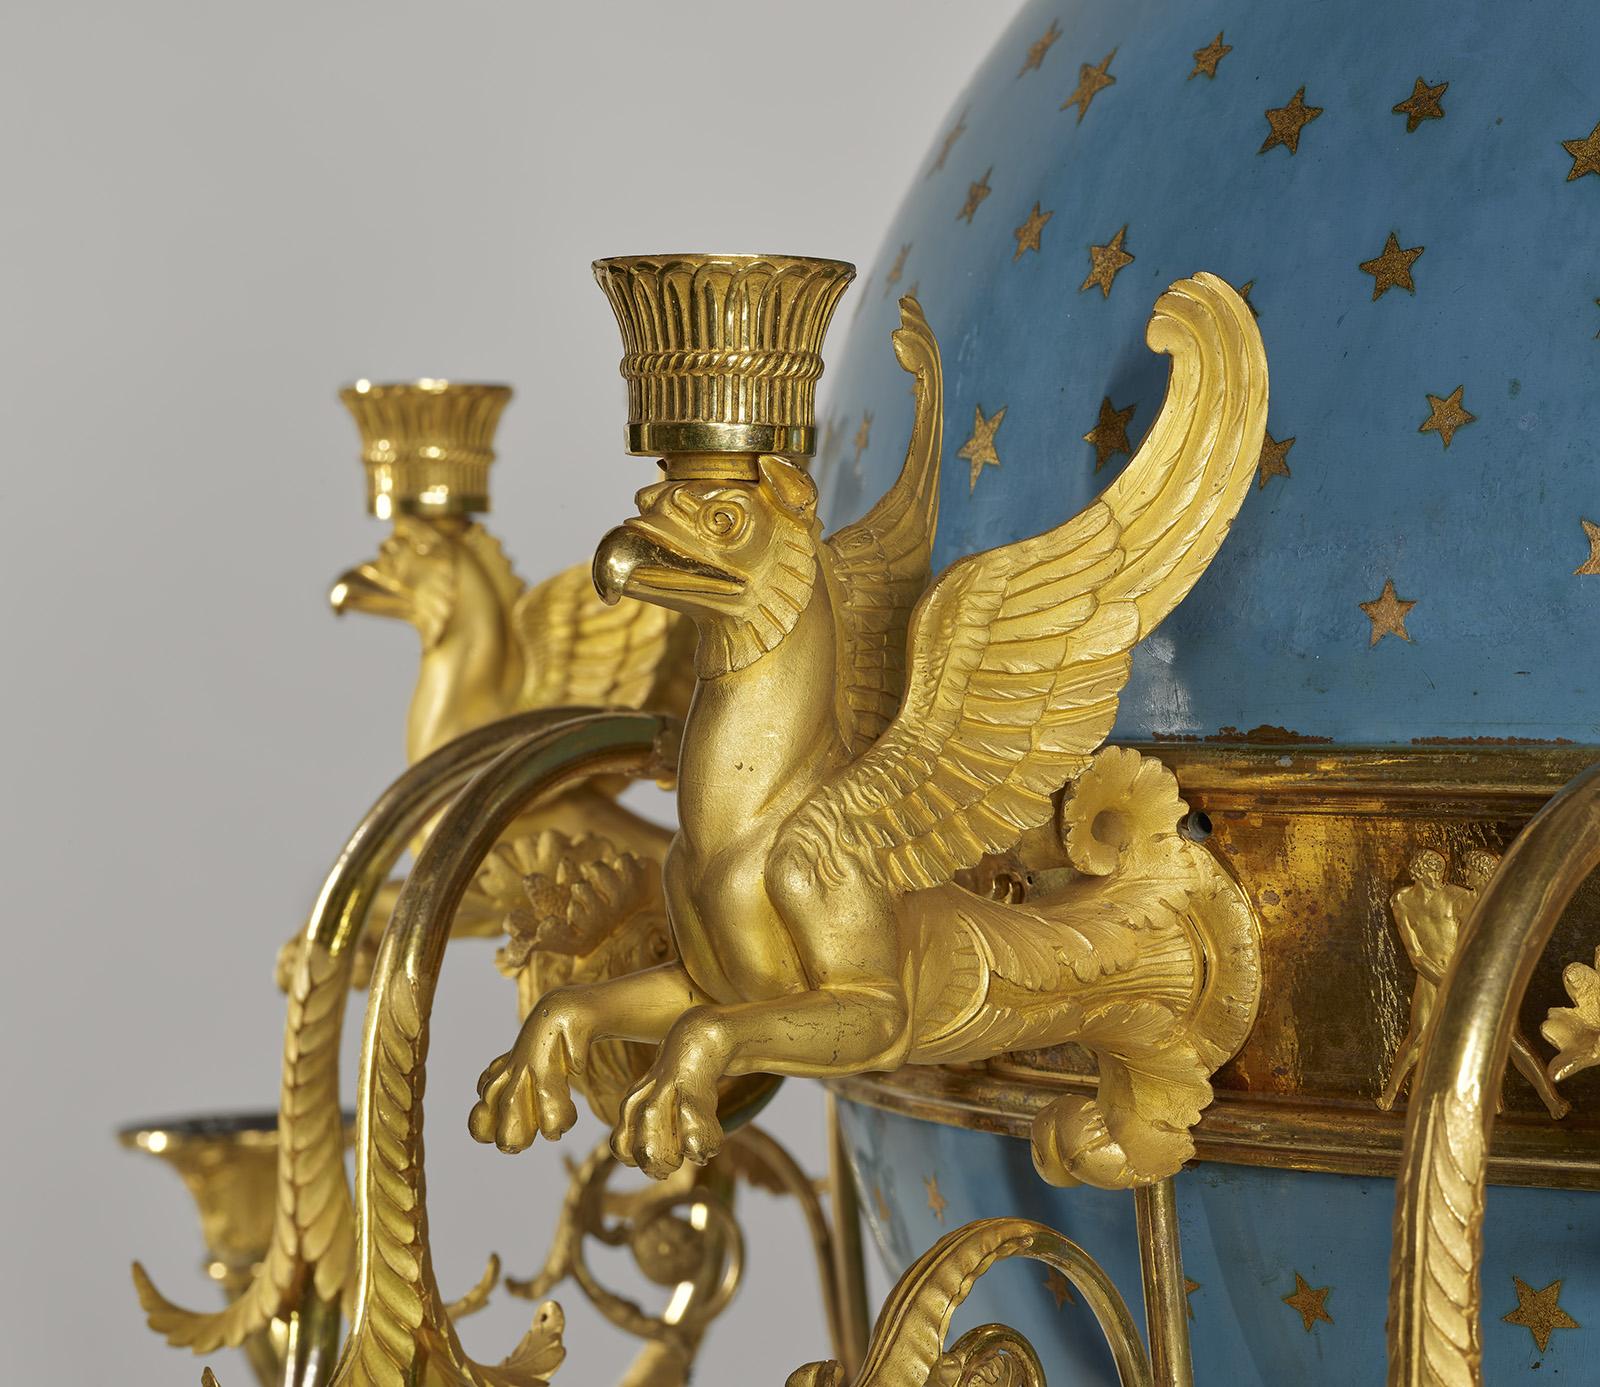 Golden lion details of the chandelie.